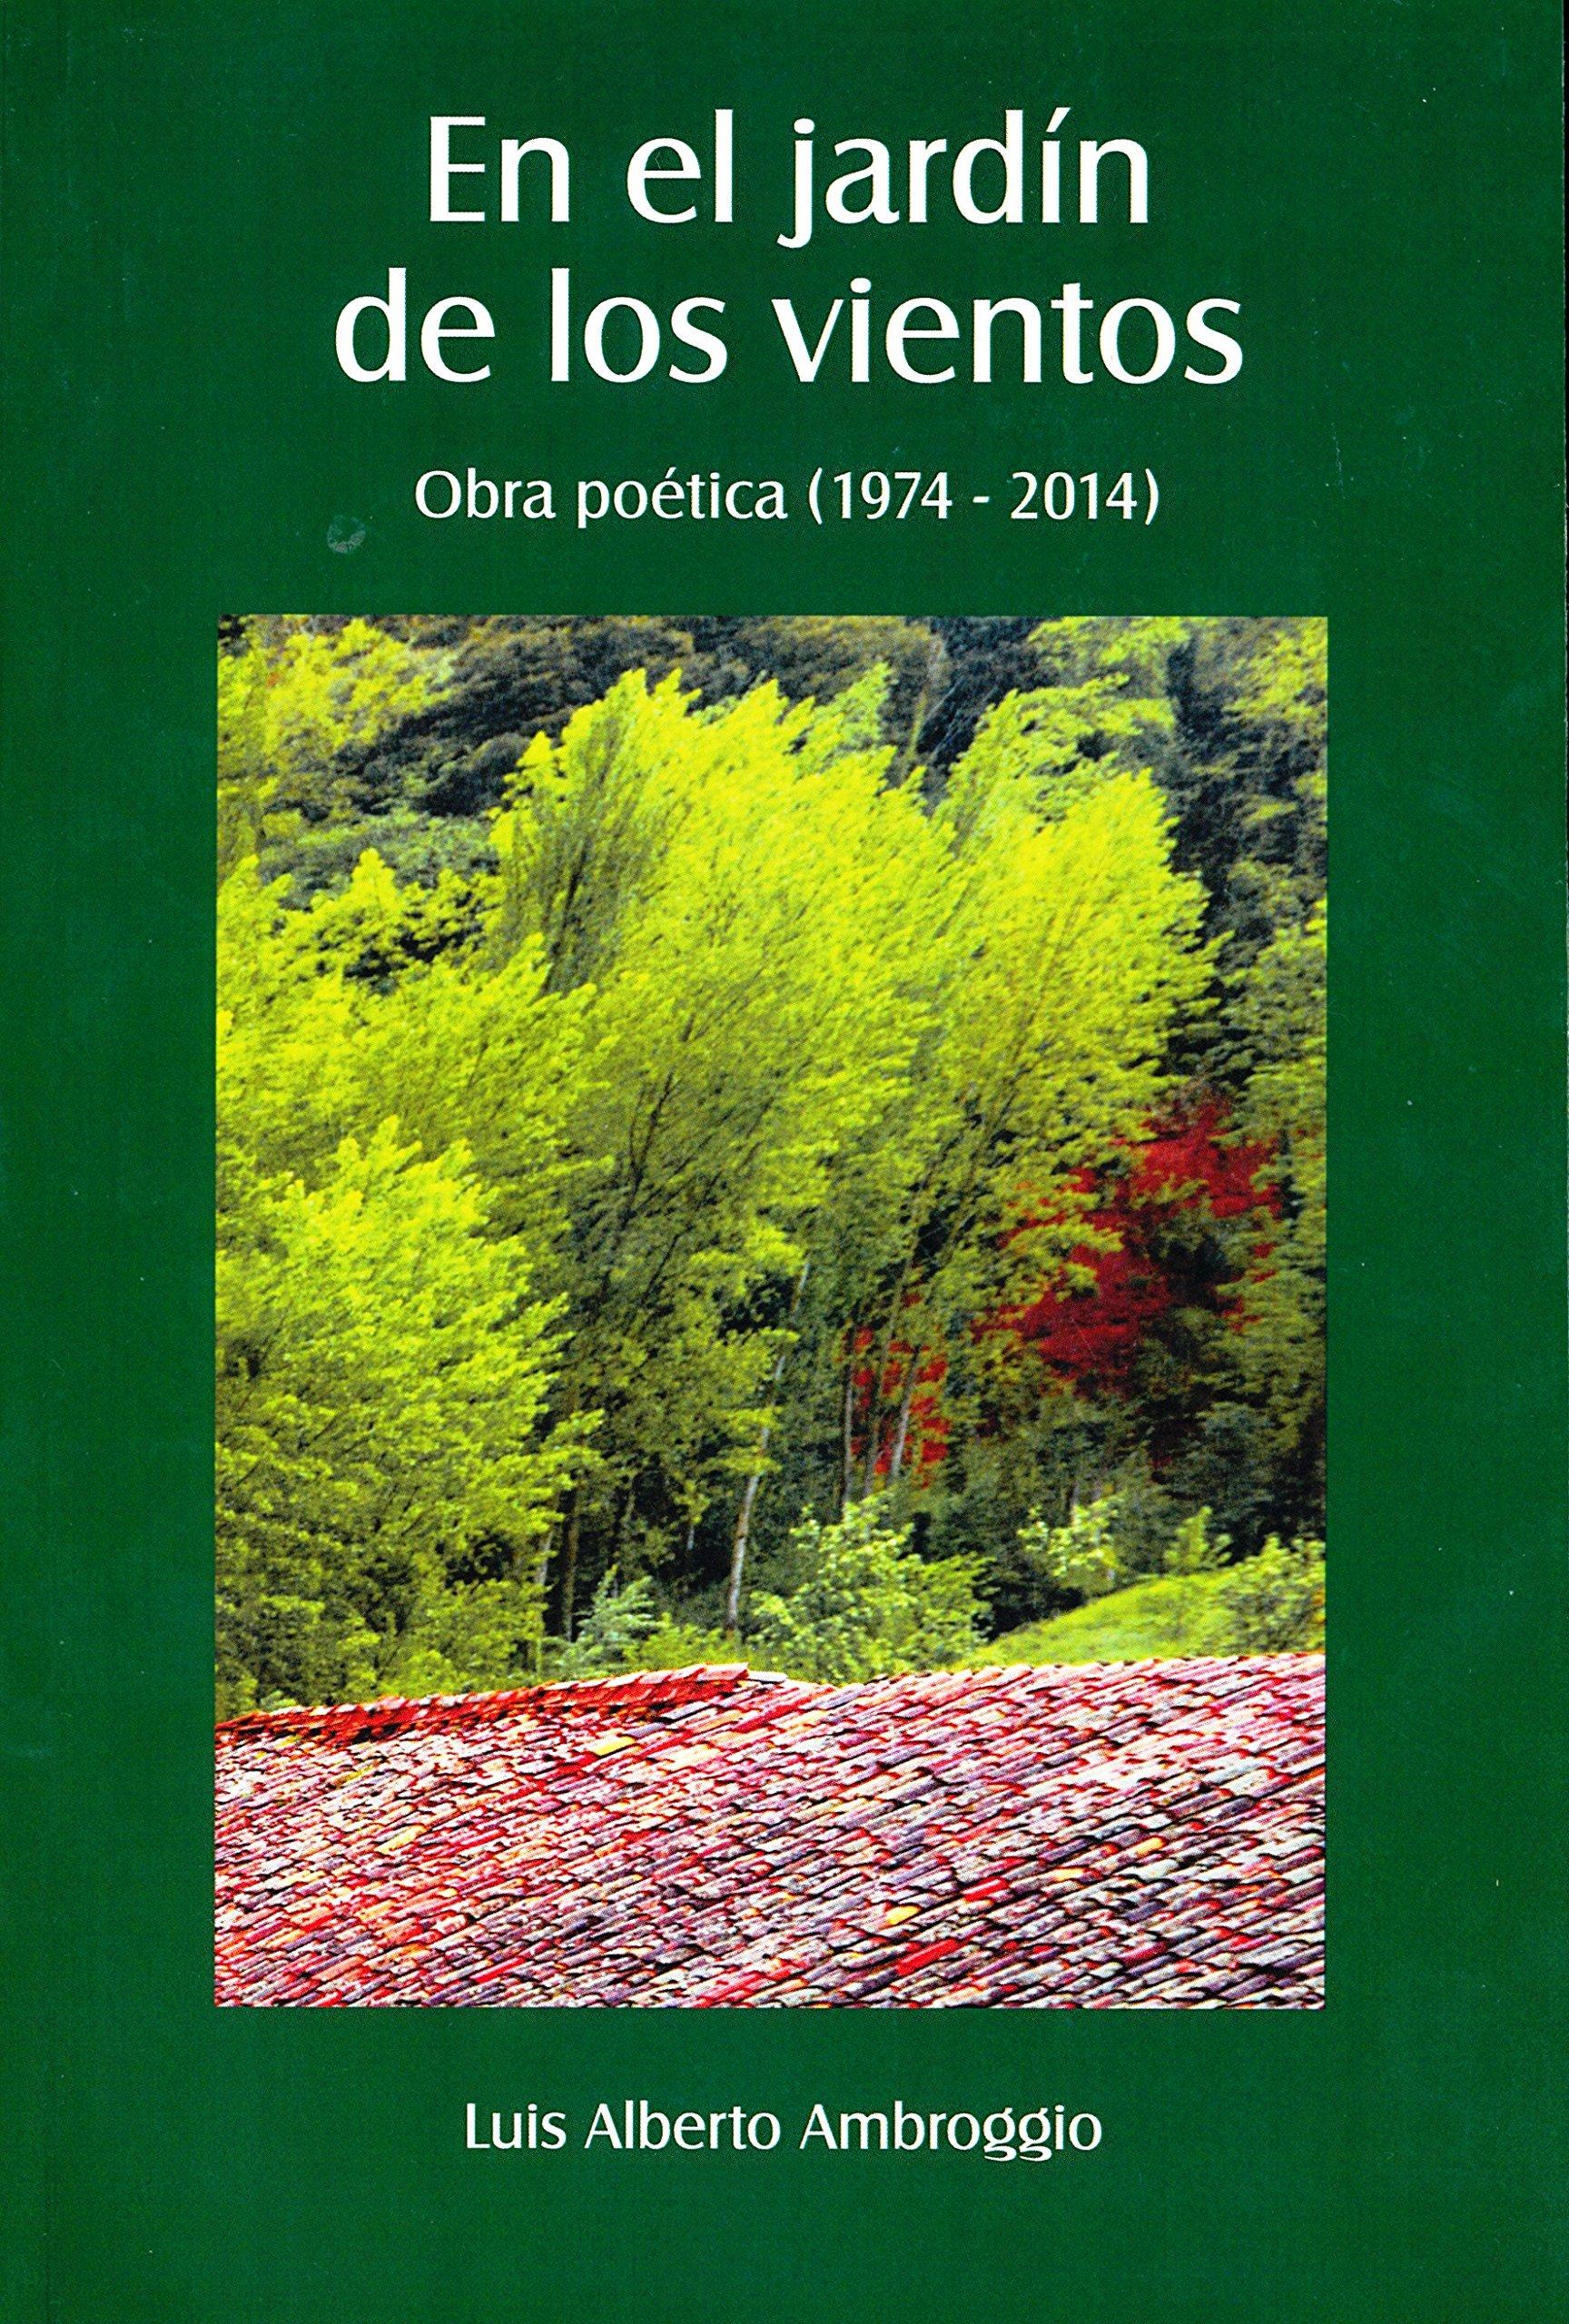 En el Jardín de Los Vientos: Obra Poética (1974-2014): Luis Alberto Ambroggio, Carlos E. Paldao, Rosa Tezanos-Pinto: 9780990345510: Amazon.com: Books